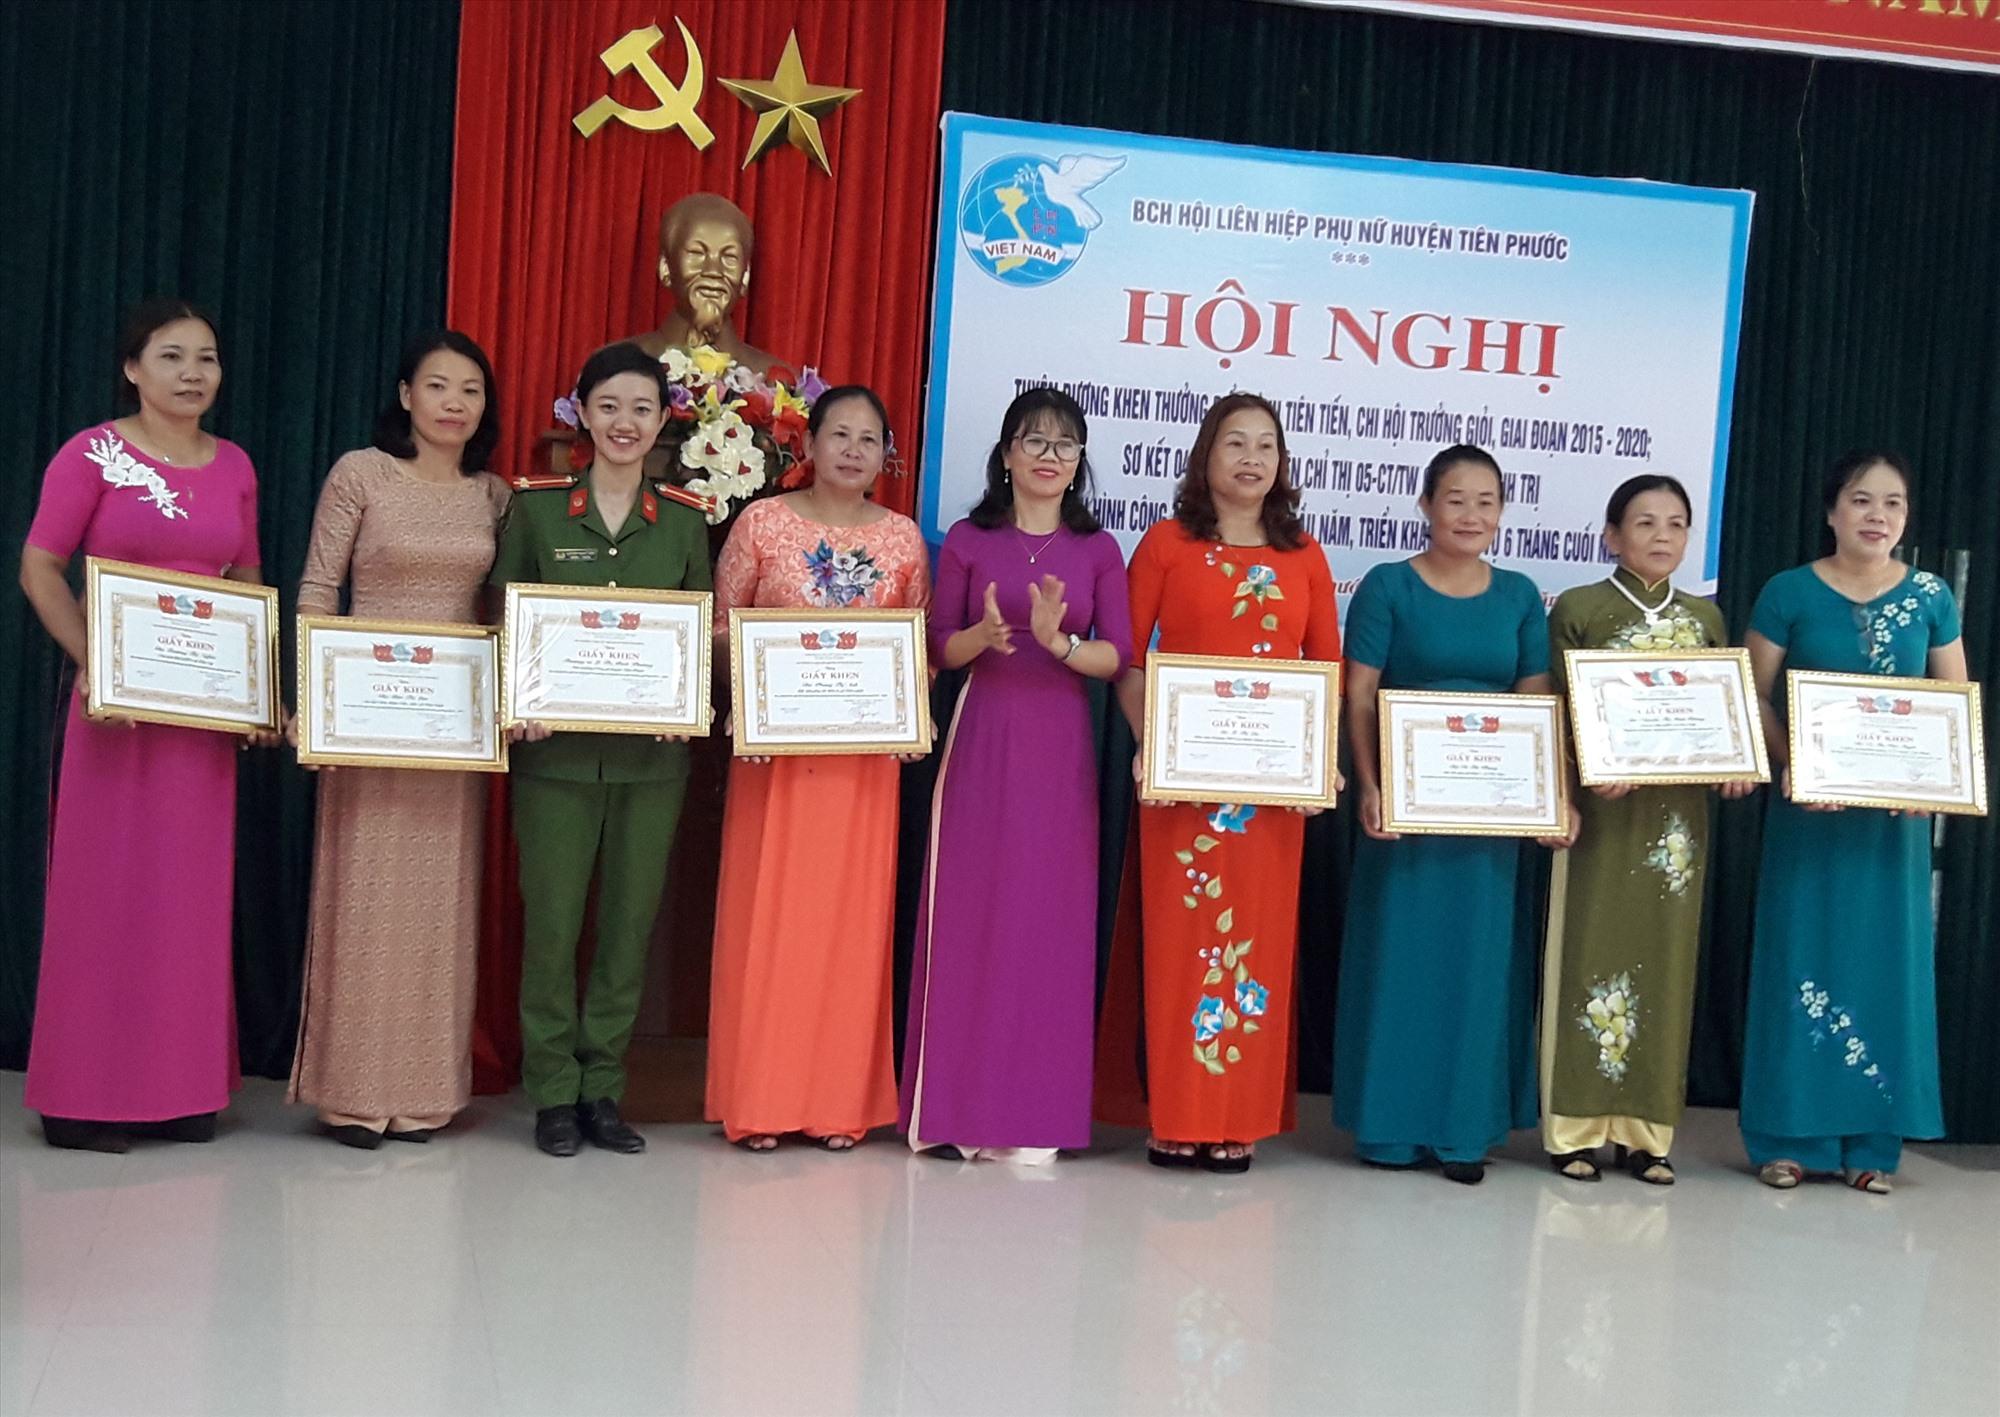 Hội phụ nữ Tiên Phước khen thưởng cho 3 tập thể, 27 cá nhân tiêu biểu trong phong trào thi đua yêu nước giai đoạn 2015 - 2020. Ảnh: P.H